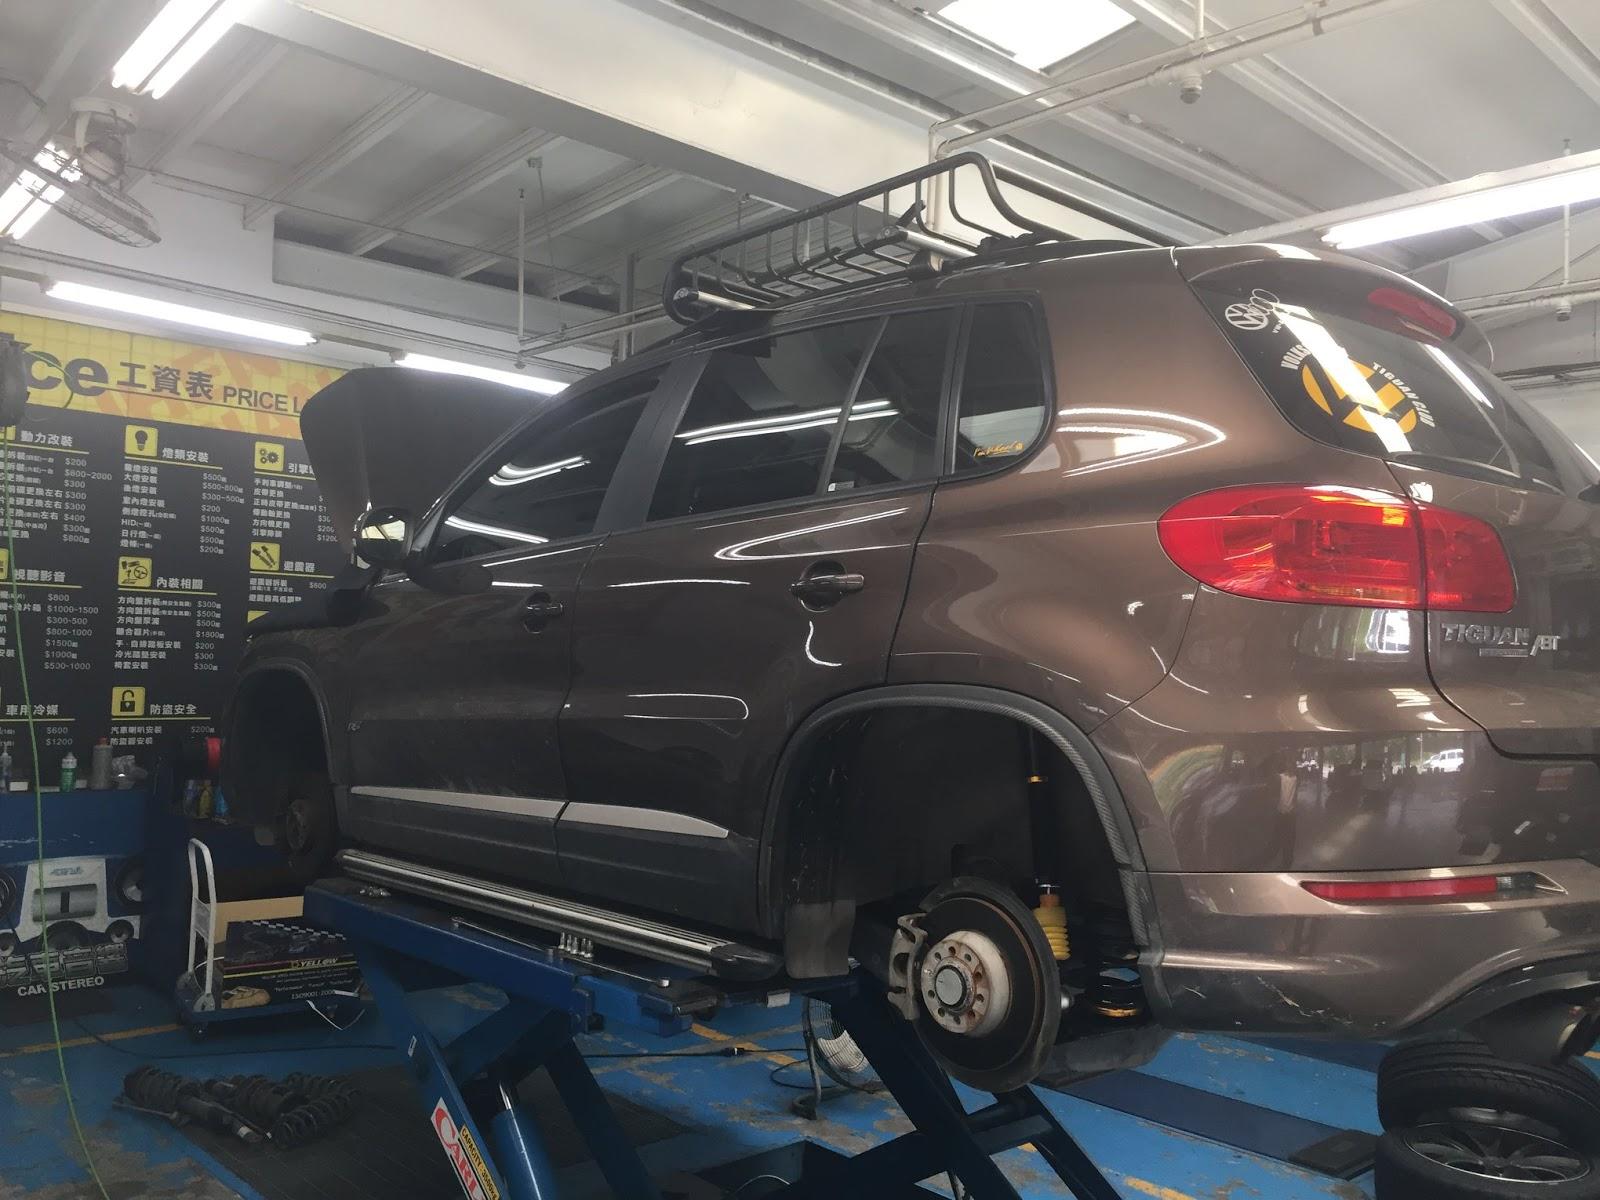 真便宜汽車精品百貨輪胎館: VW Tiguan地瓜 休旅車 升級序曲三 改裝Yellow避震器開箱文